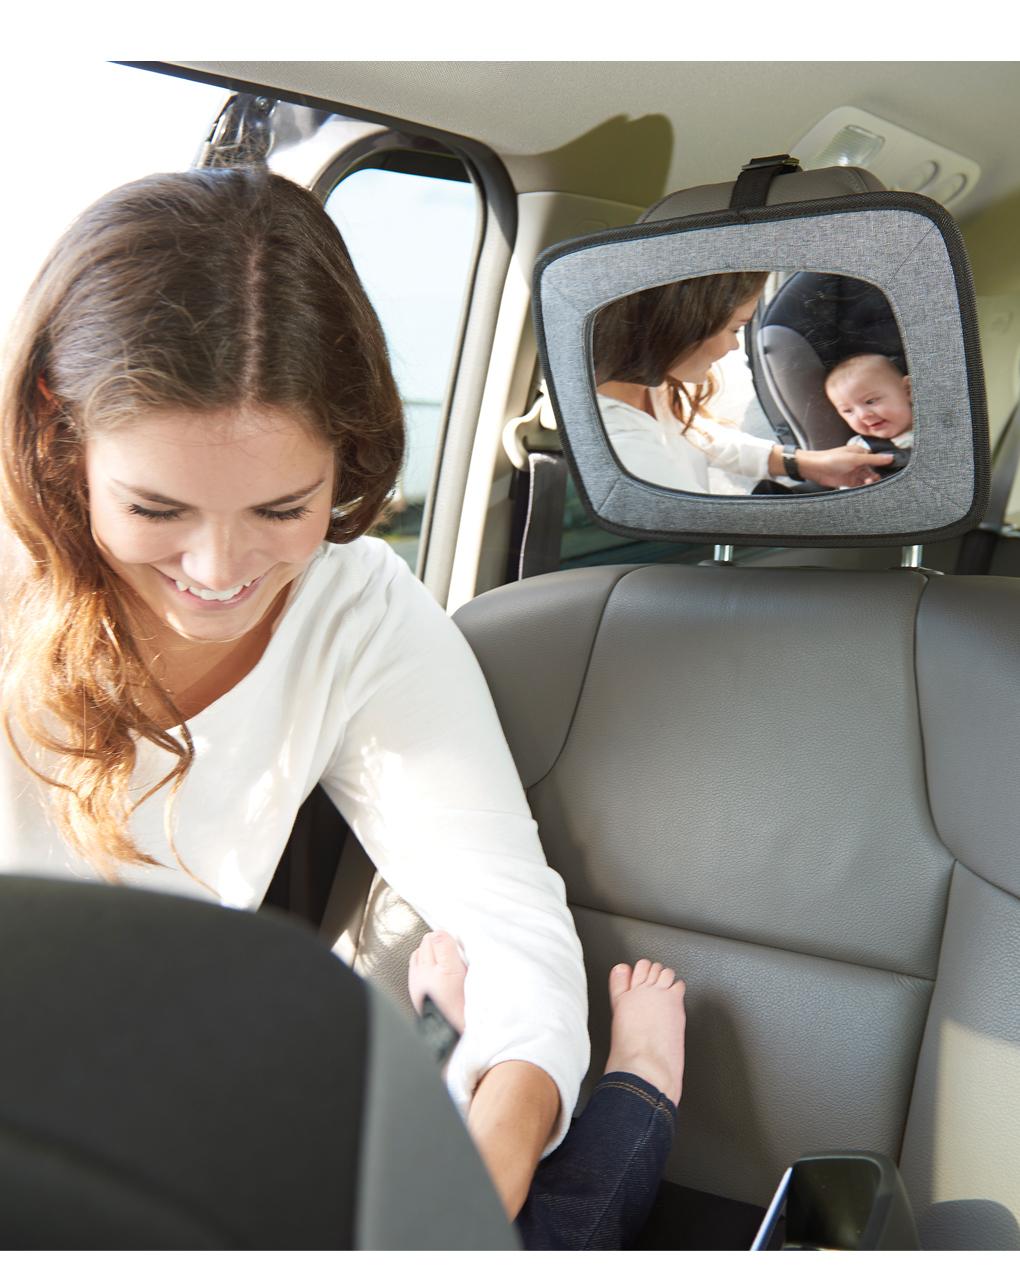 O espelho retrovisor controla o bebê - Giordani